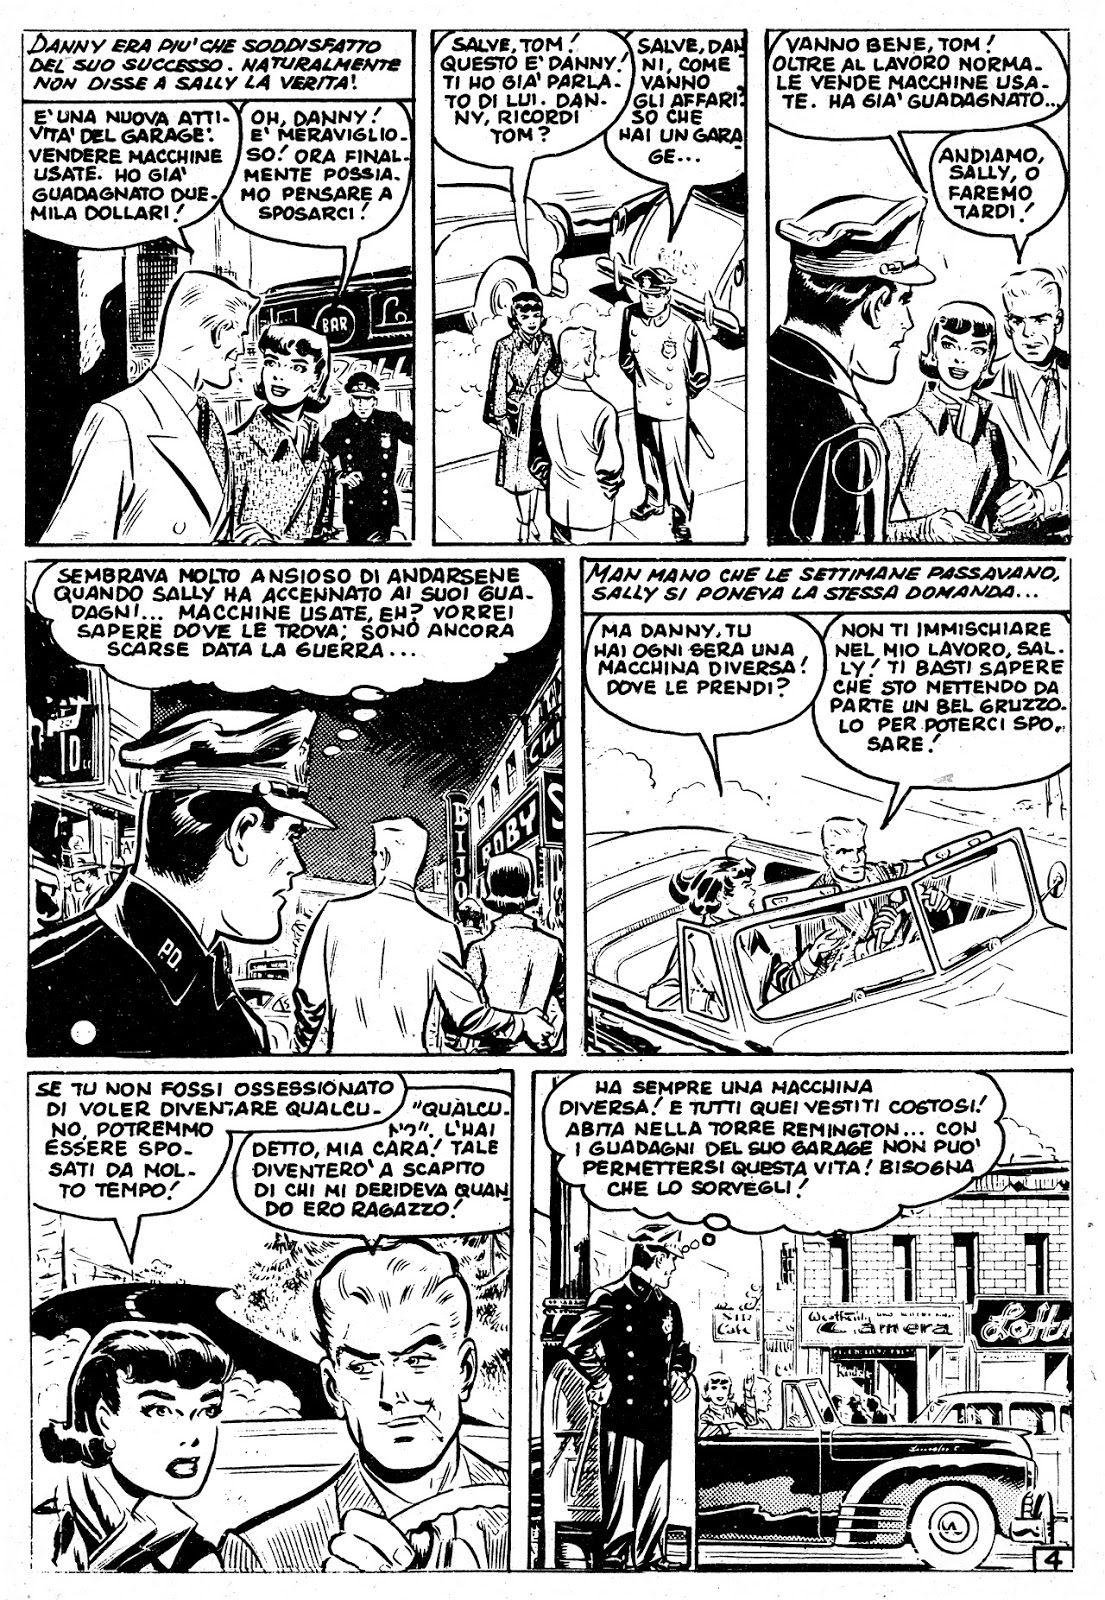 LA MARVEL IN ITALIA DAGLI ANNI '40 AI '60 Leggi http://www.giornalepop.it/la-marvel-in-italia-dagli-anni-40-ai-60/